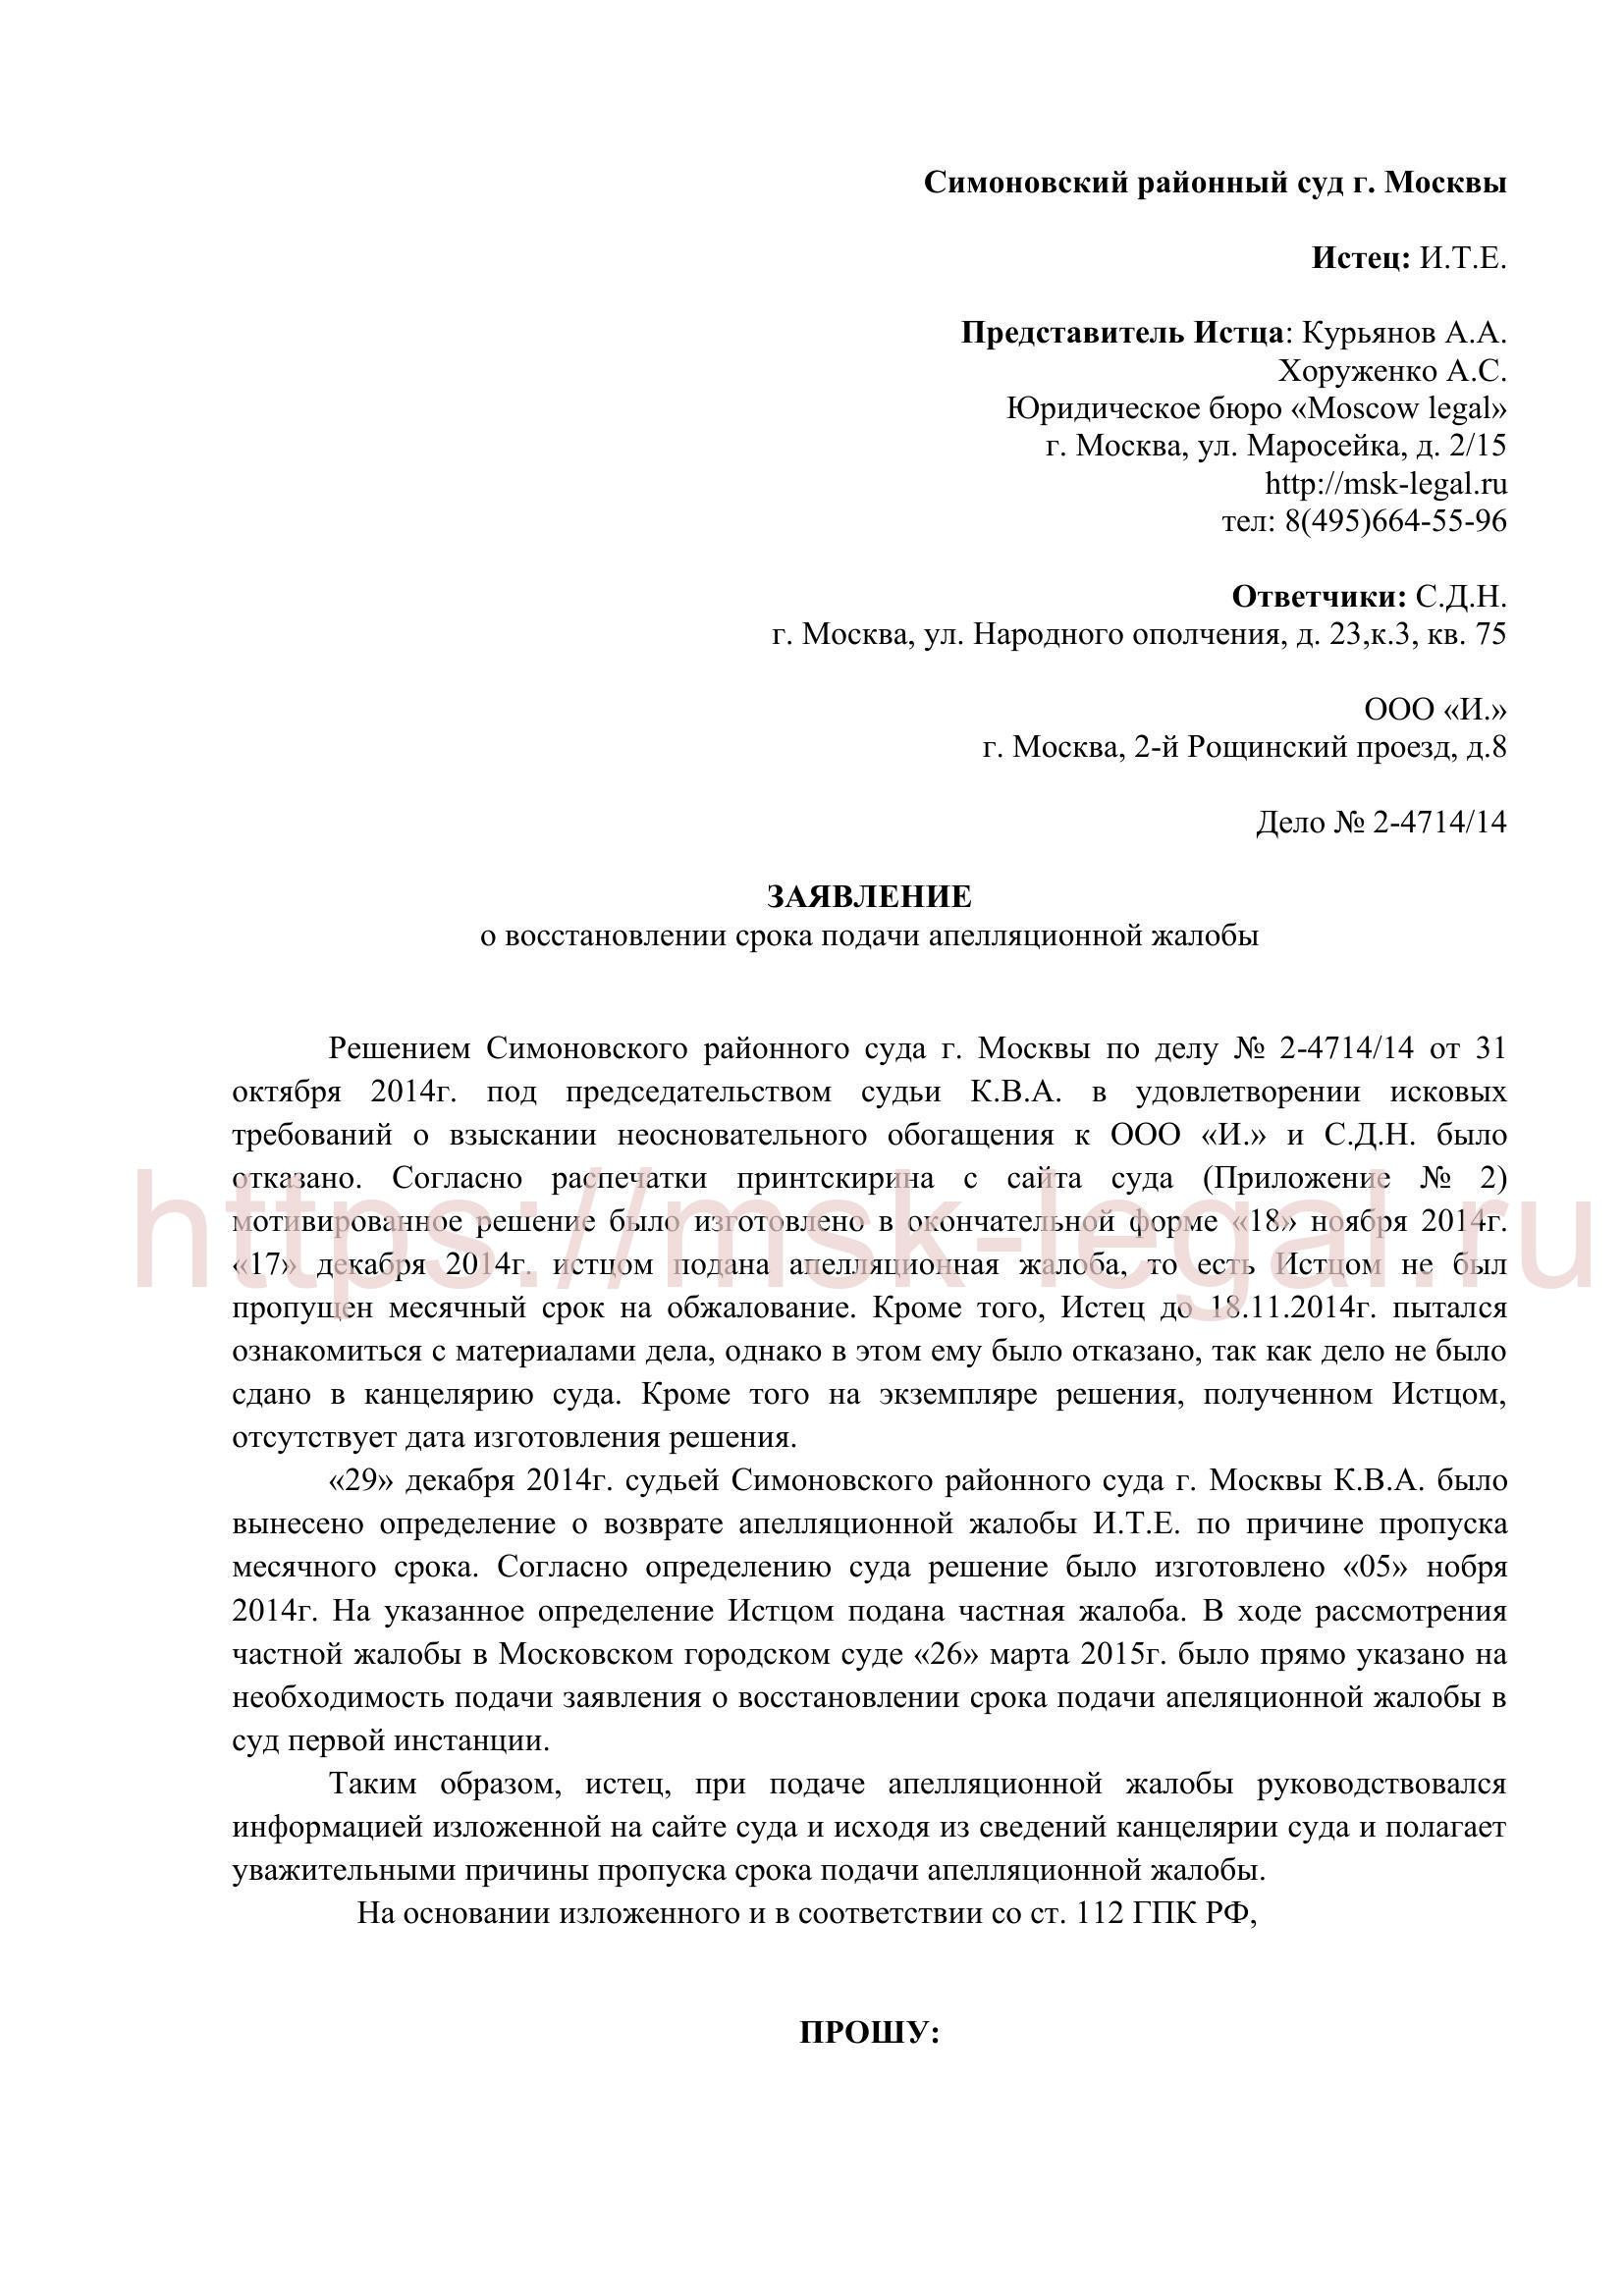 Заявление на восстановление срока подачи апелляционной жалобы